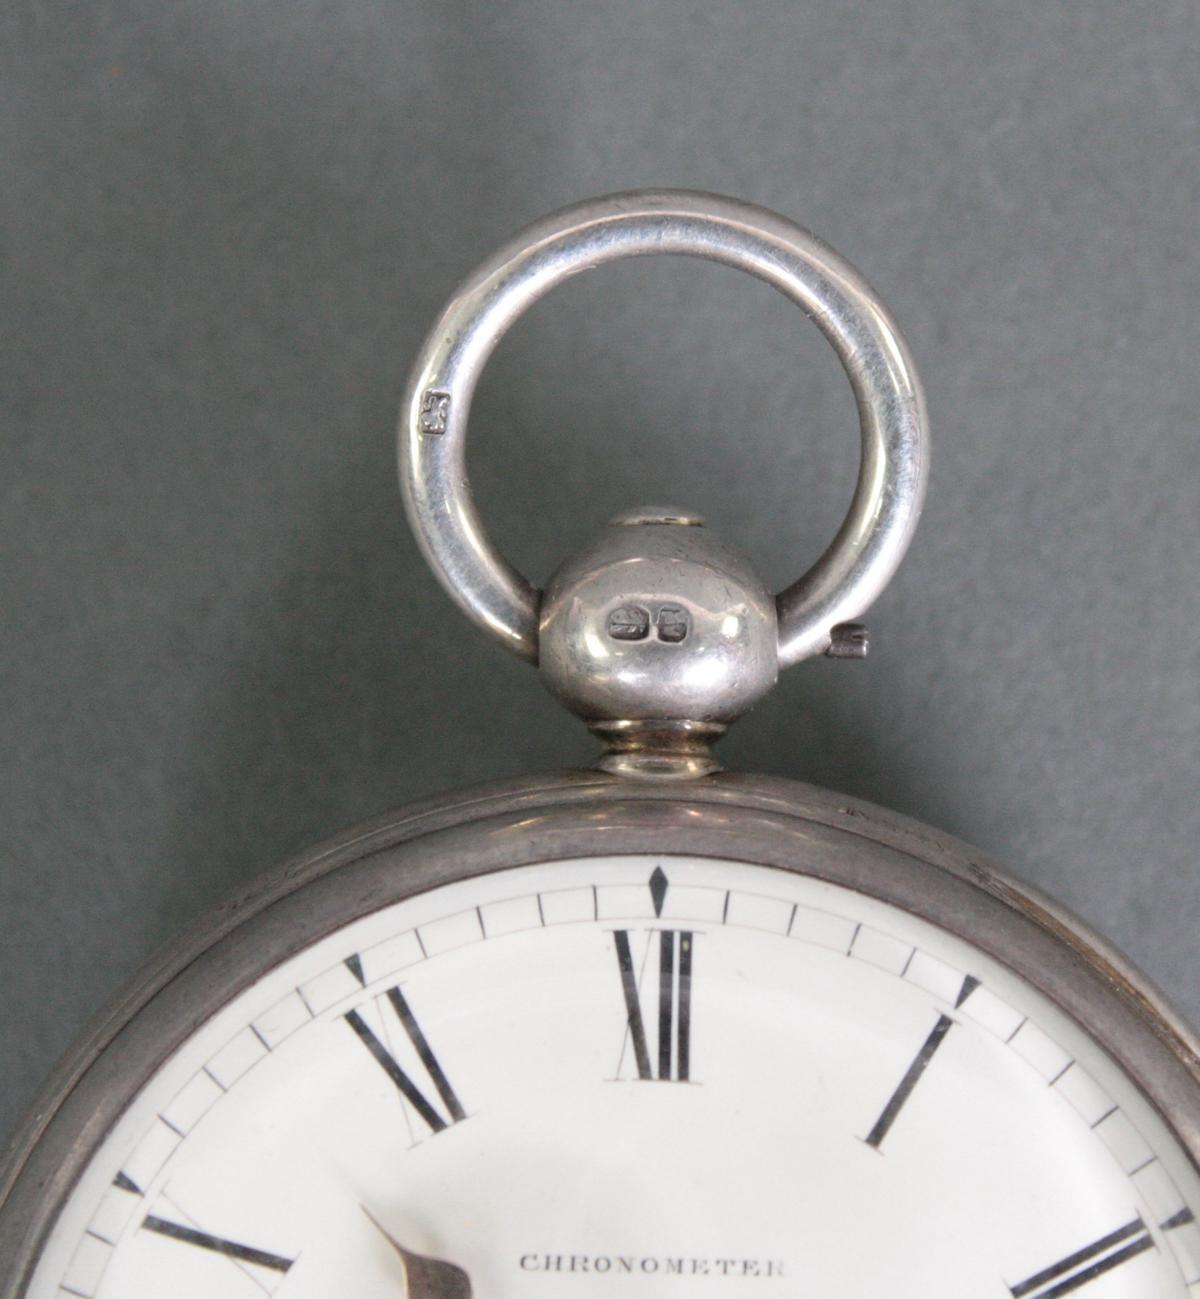 Schwere Taschenuhr, England 1. Hälfte 19. Jh. Chronometer-5